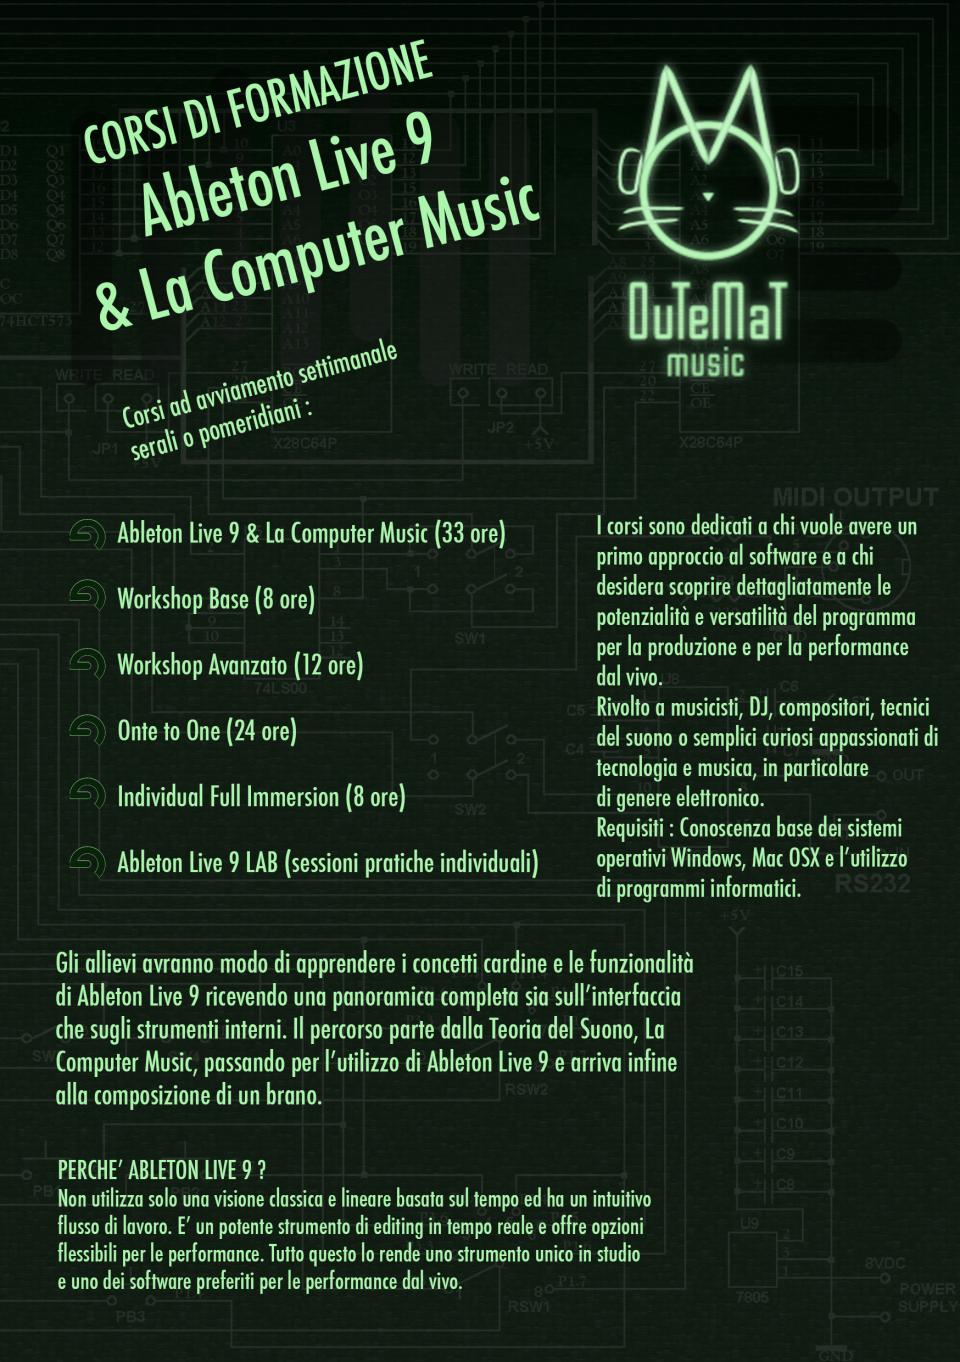 corso ableton live 9 computer music